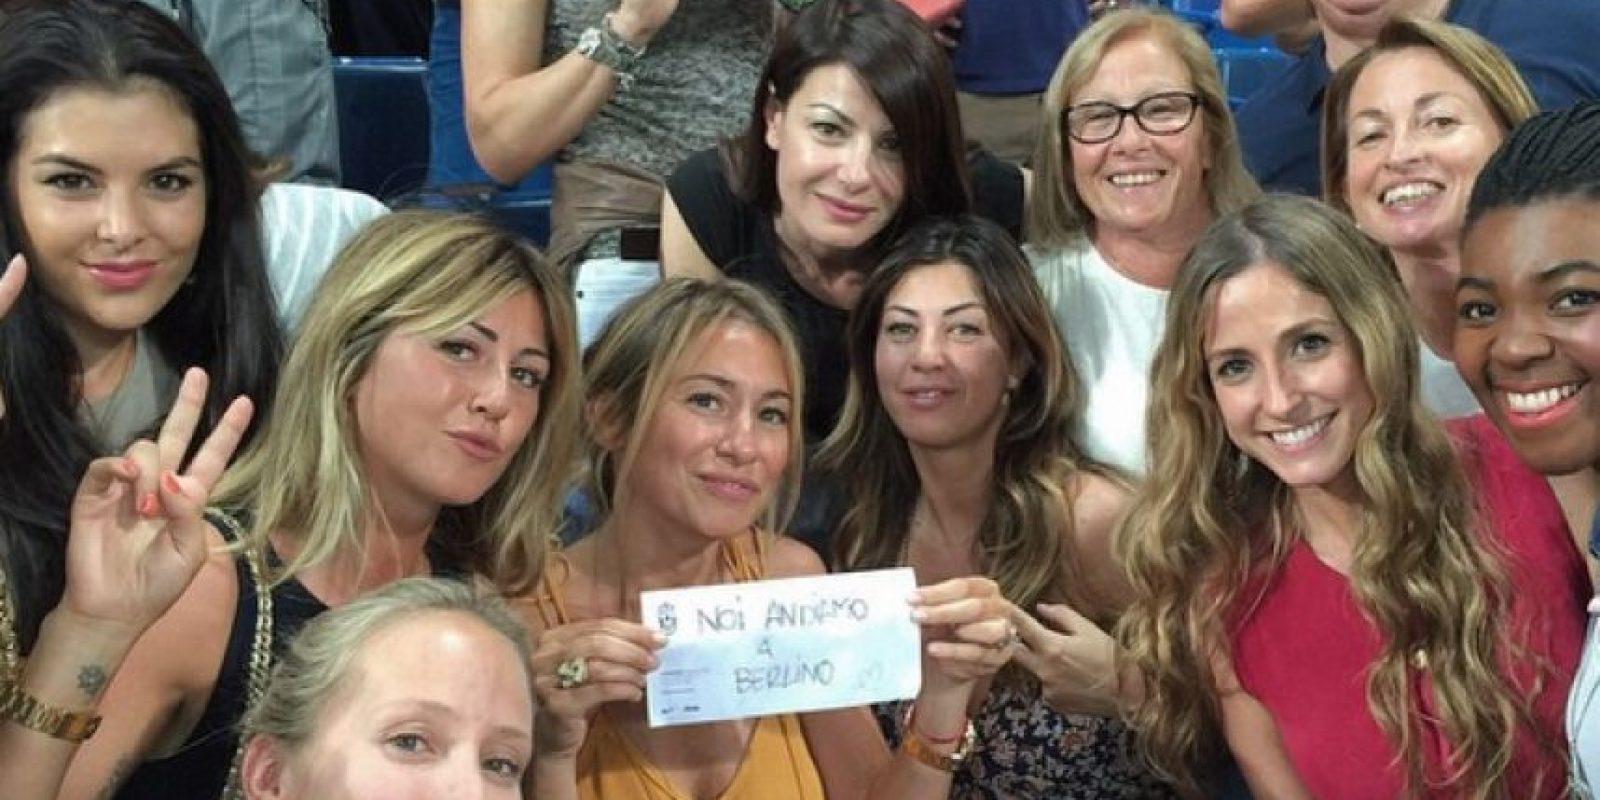 """5. Van a los estadios a ver a sus parejas / Las """"WAGS"""" de la Juventus. Foto:Instagram.com/veronicazimbaro"""